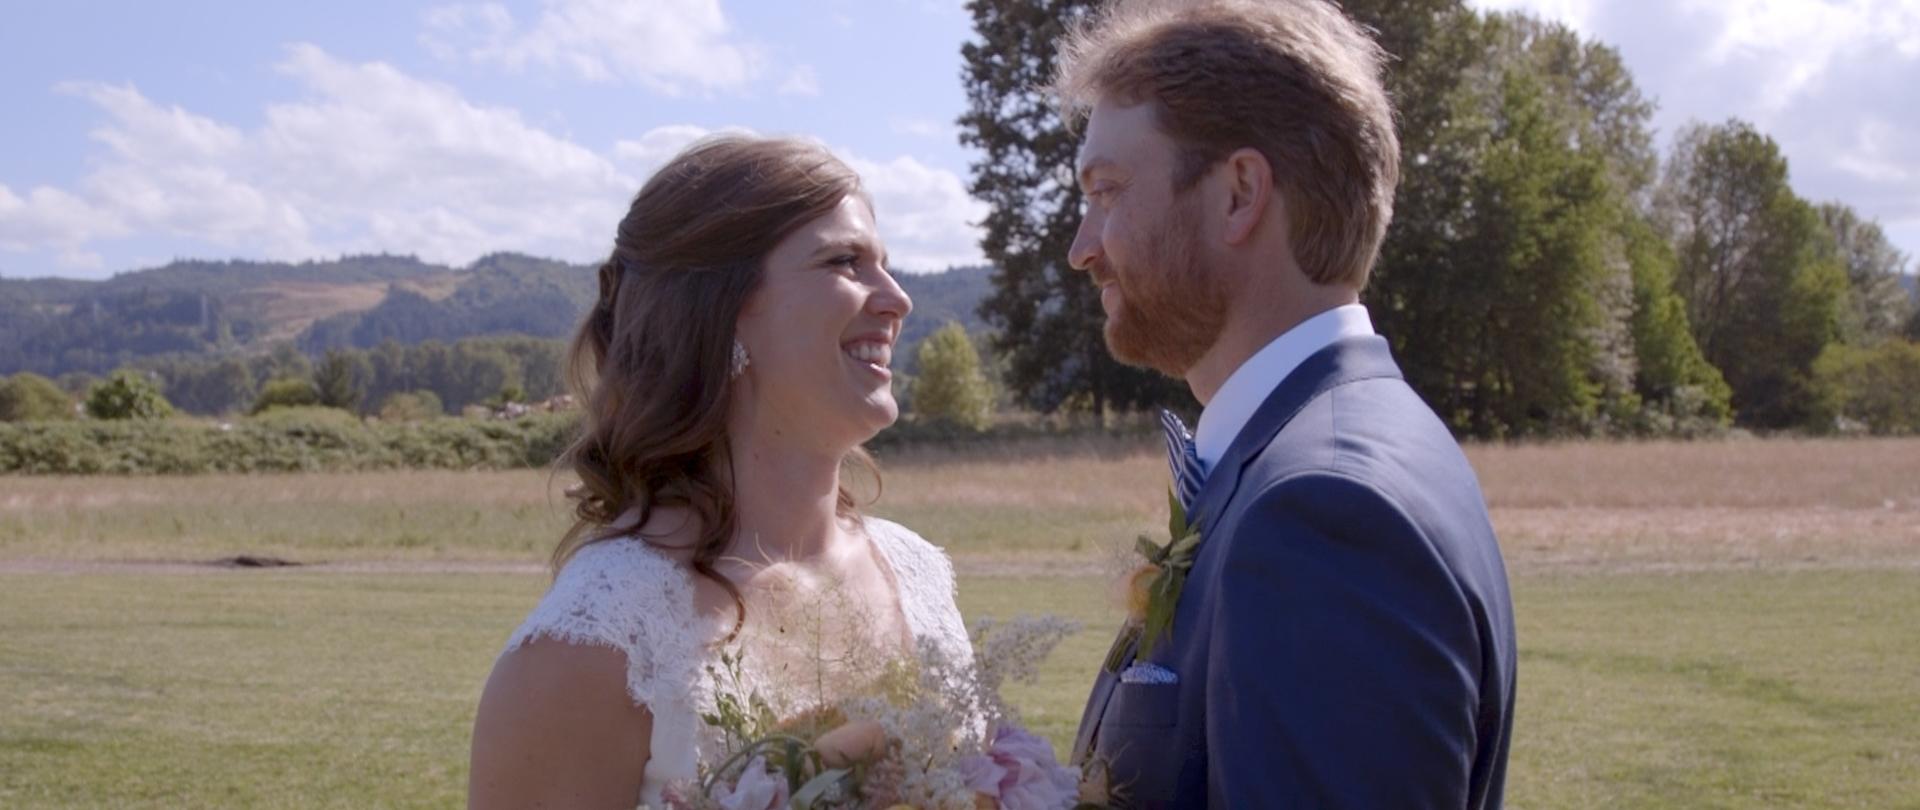 Lisa and Taylor-Oregon Wedding Video -10.jpg